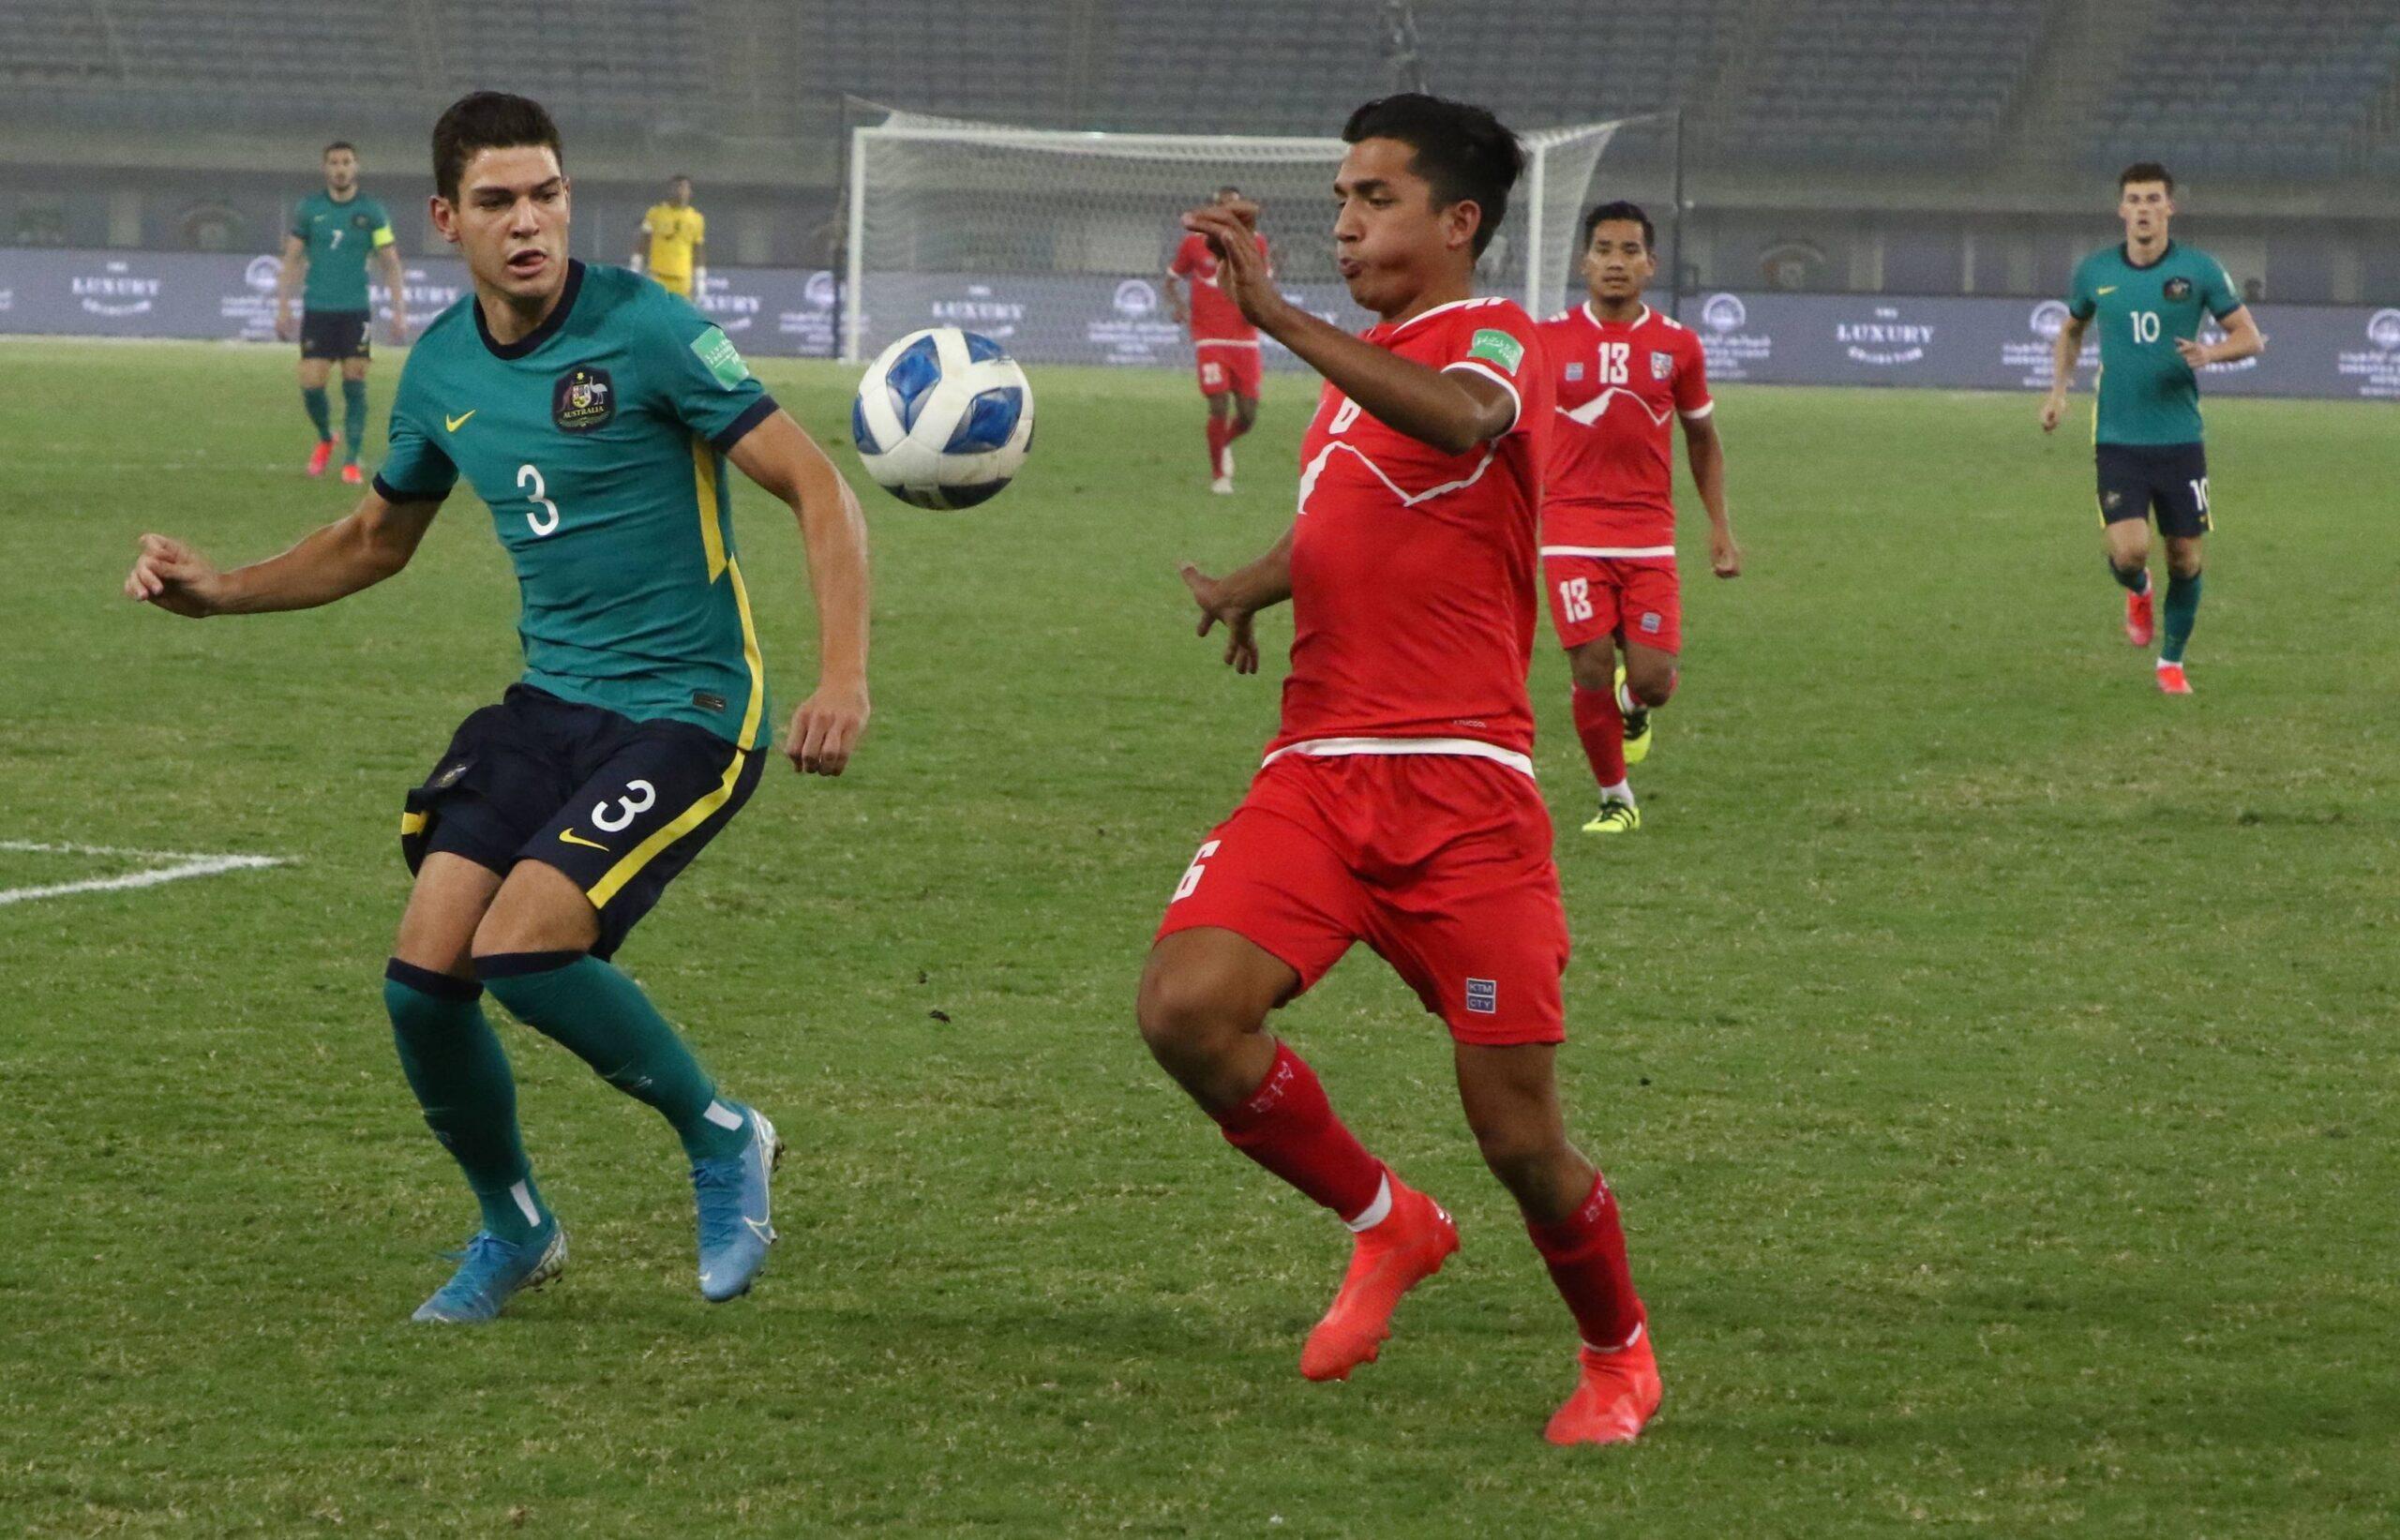 नेपाल अष्ट्रेलियासँग ३-० ले पराजित, आयुष २००६ पछि राष्ट्रिय टिममा डेब्यु गर्ने सयाै खेलाडी